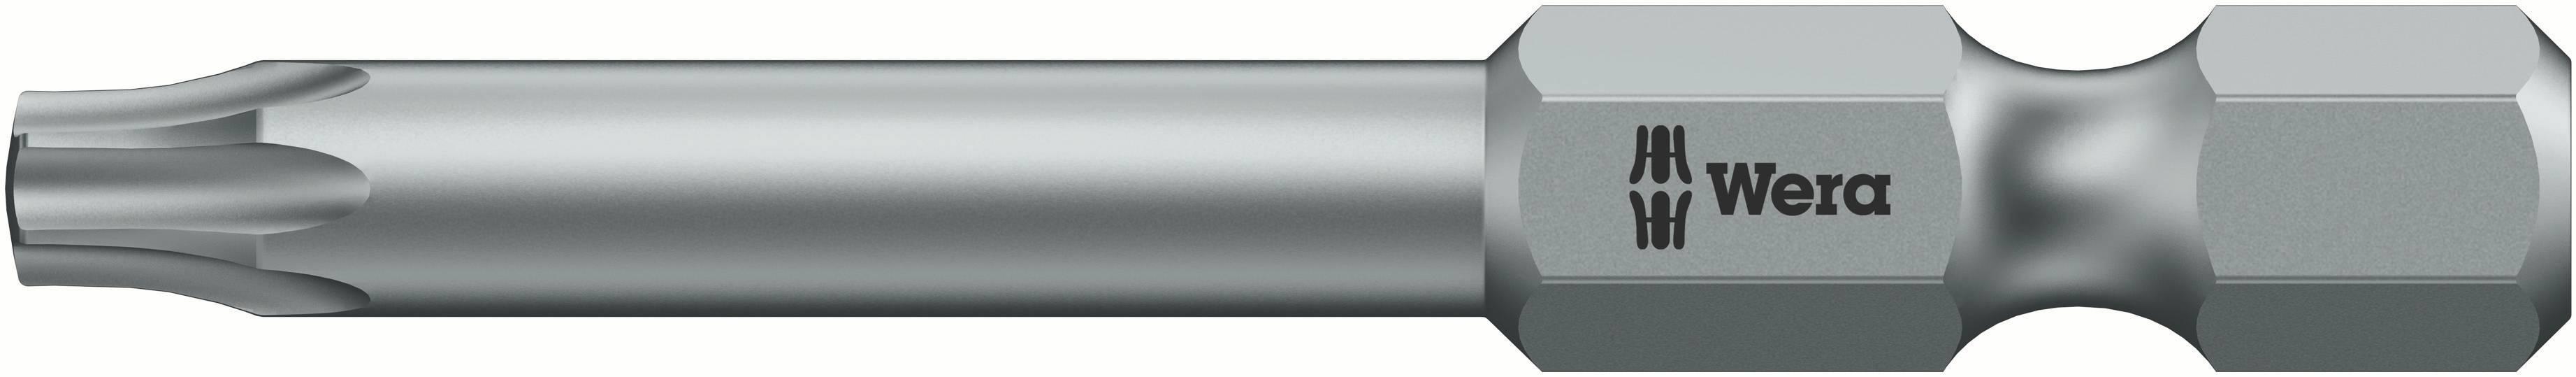 Bit Torx Wera 867 / 4 Z TORX 30 X 70 MM 05060125001, 70 mm, nástrojová oceľ, legované, 1 ks